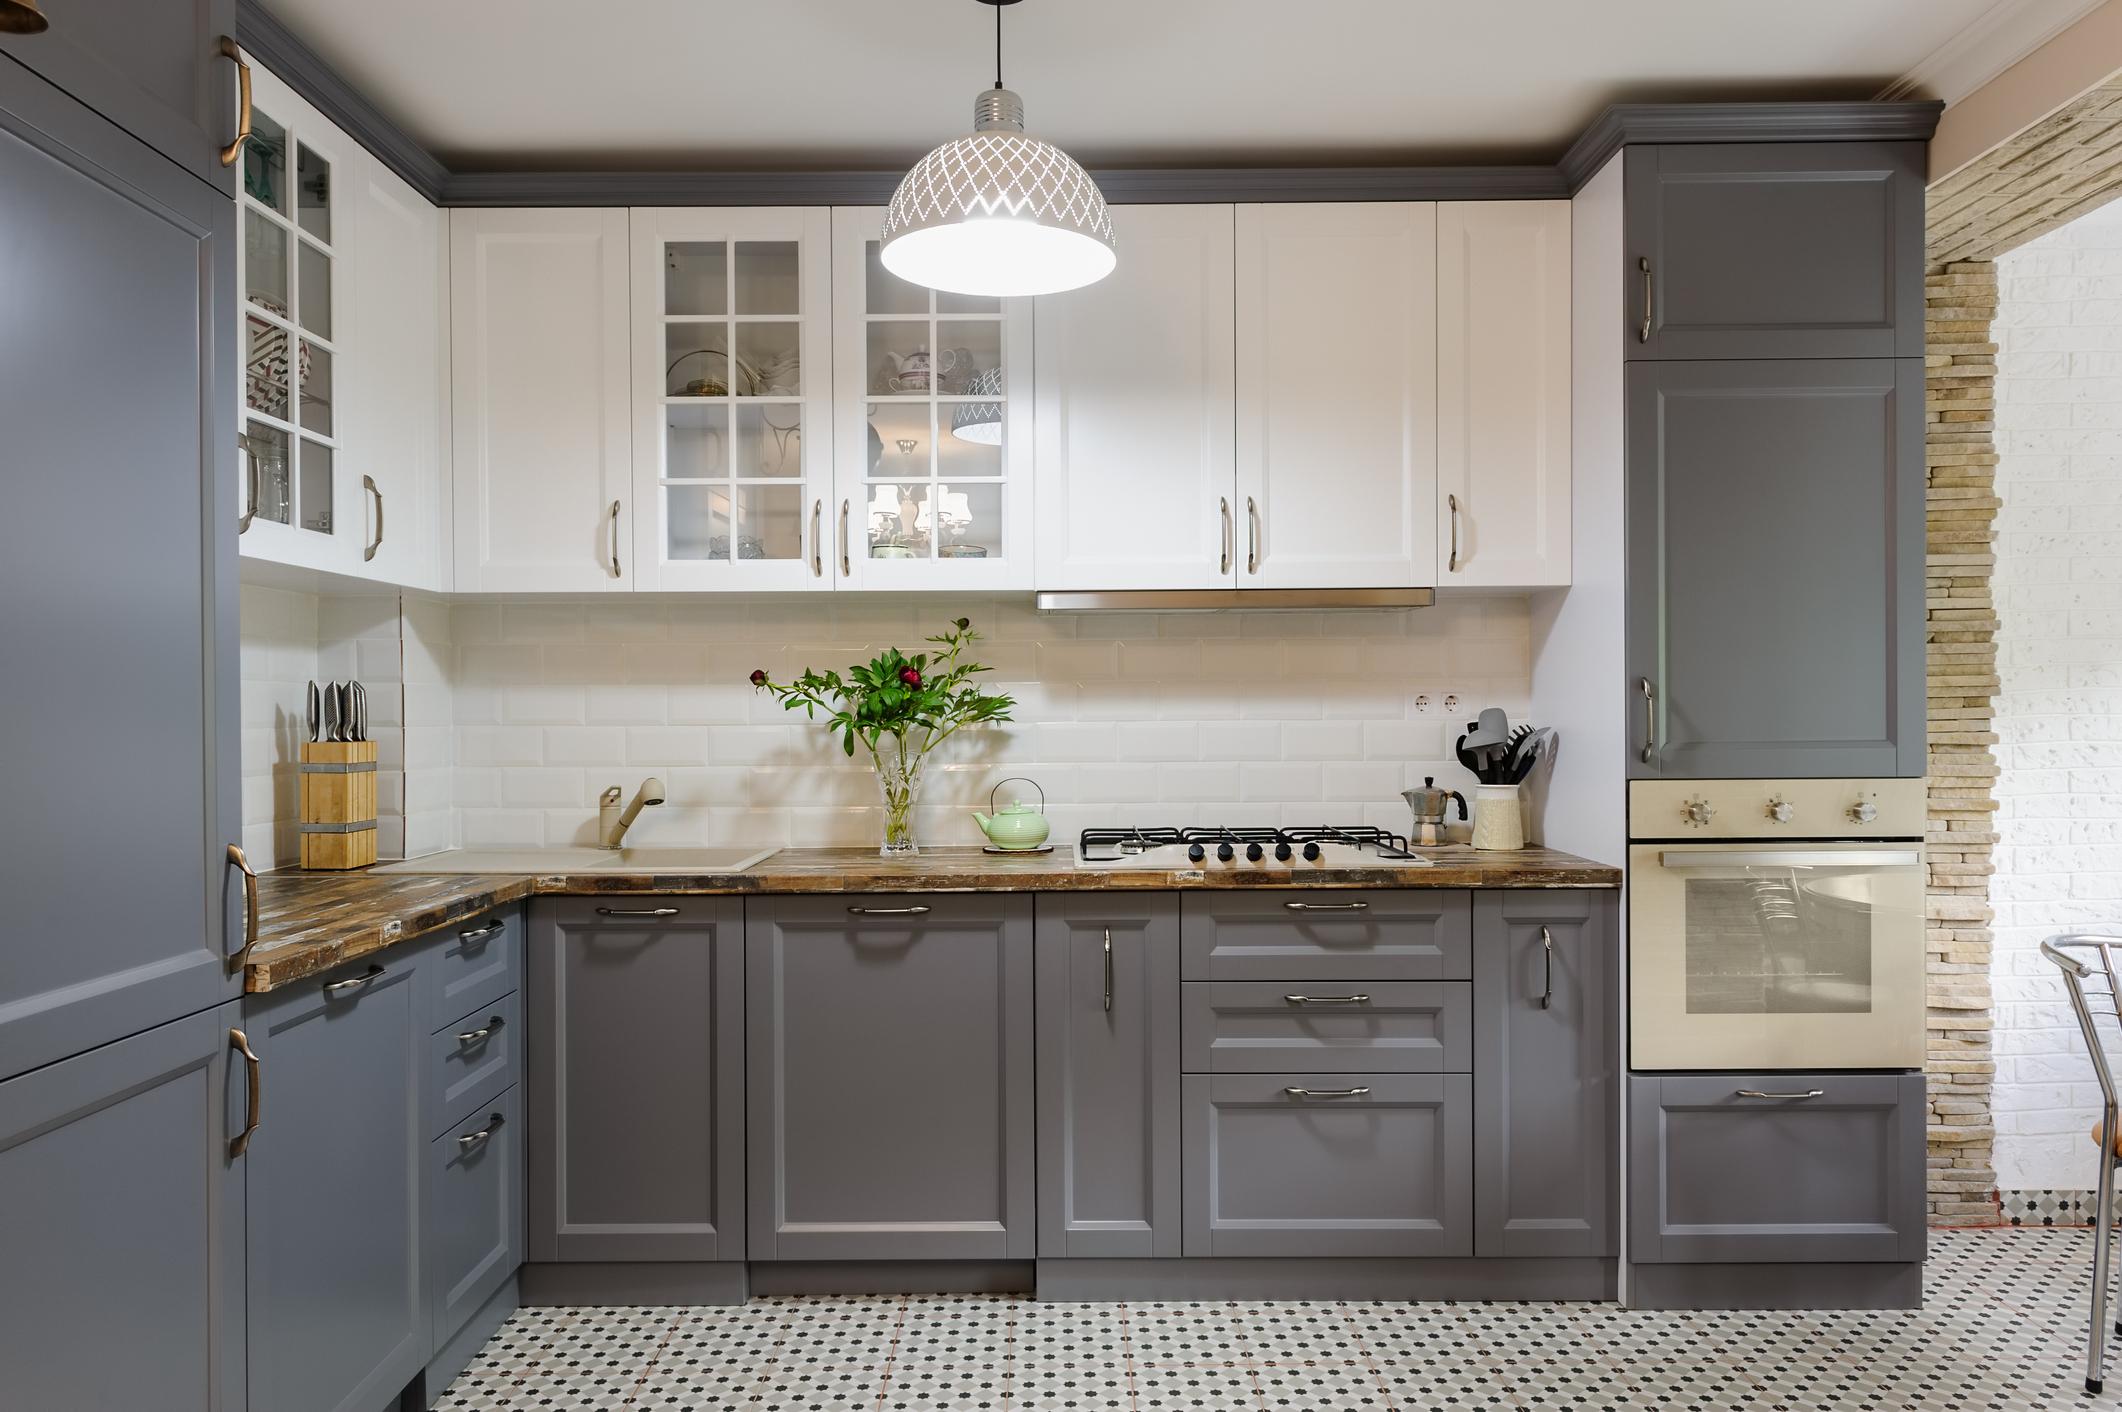 Kuchynská linka s profilovanými dvierkami v sivo bielej farebnosti